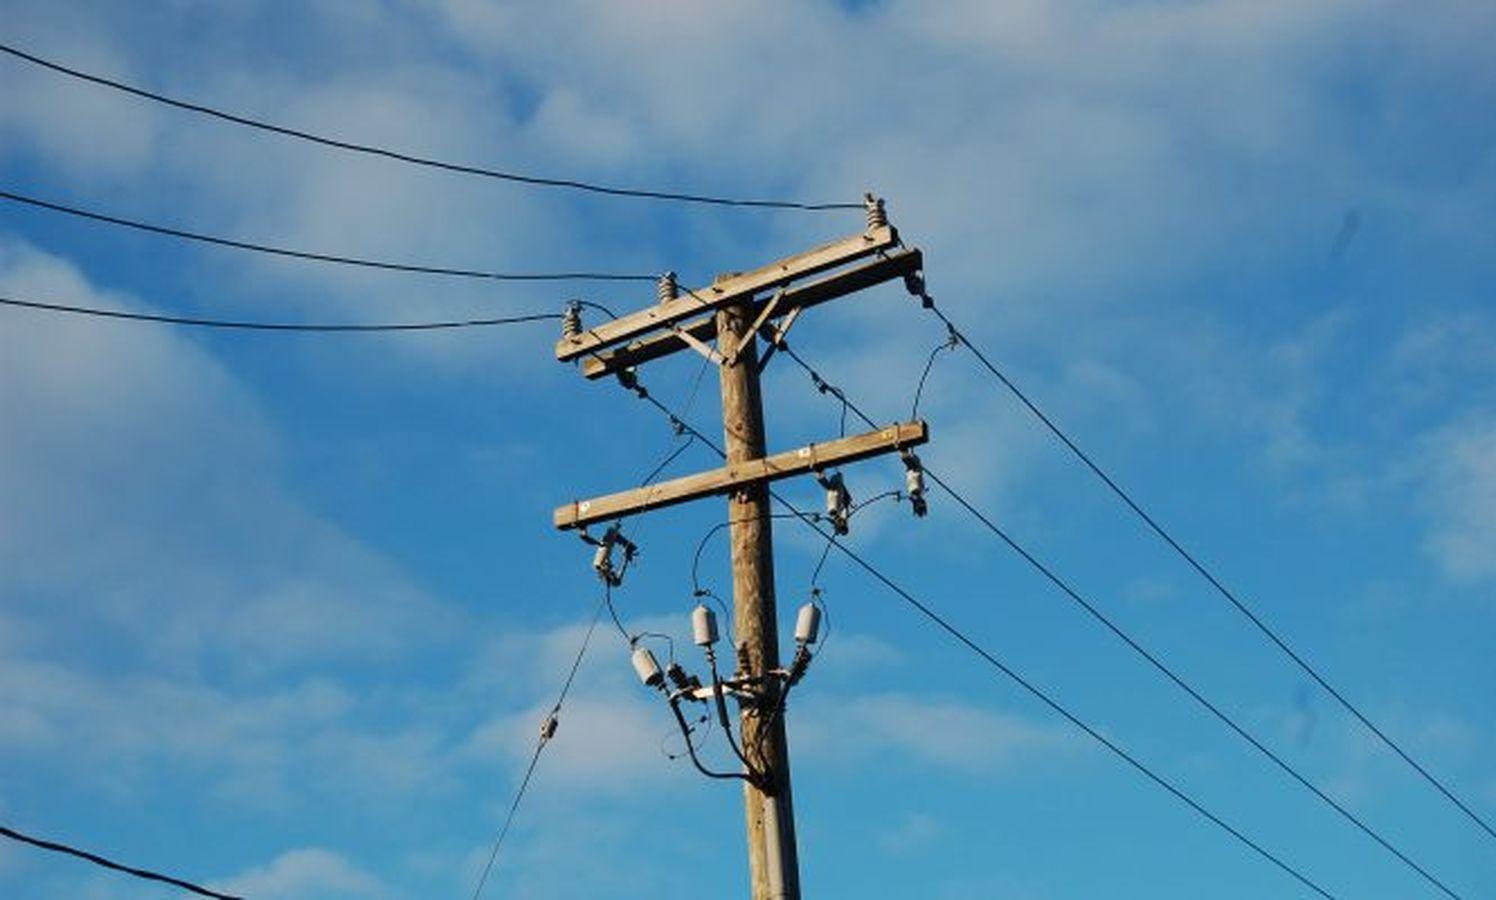 डिस्कॉम की लापरवाही के कारण एक साल से नहीं मिल रहा विद्युत कनेक्शन